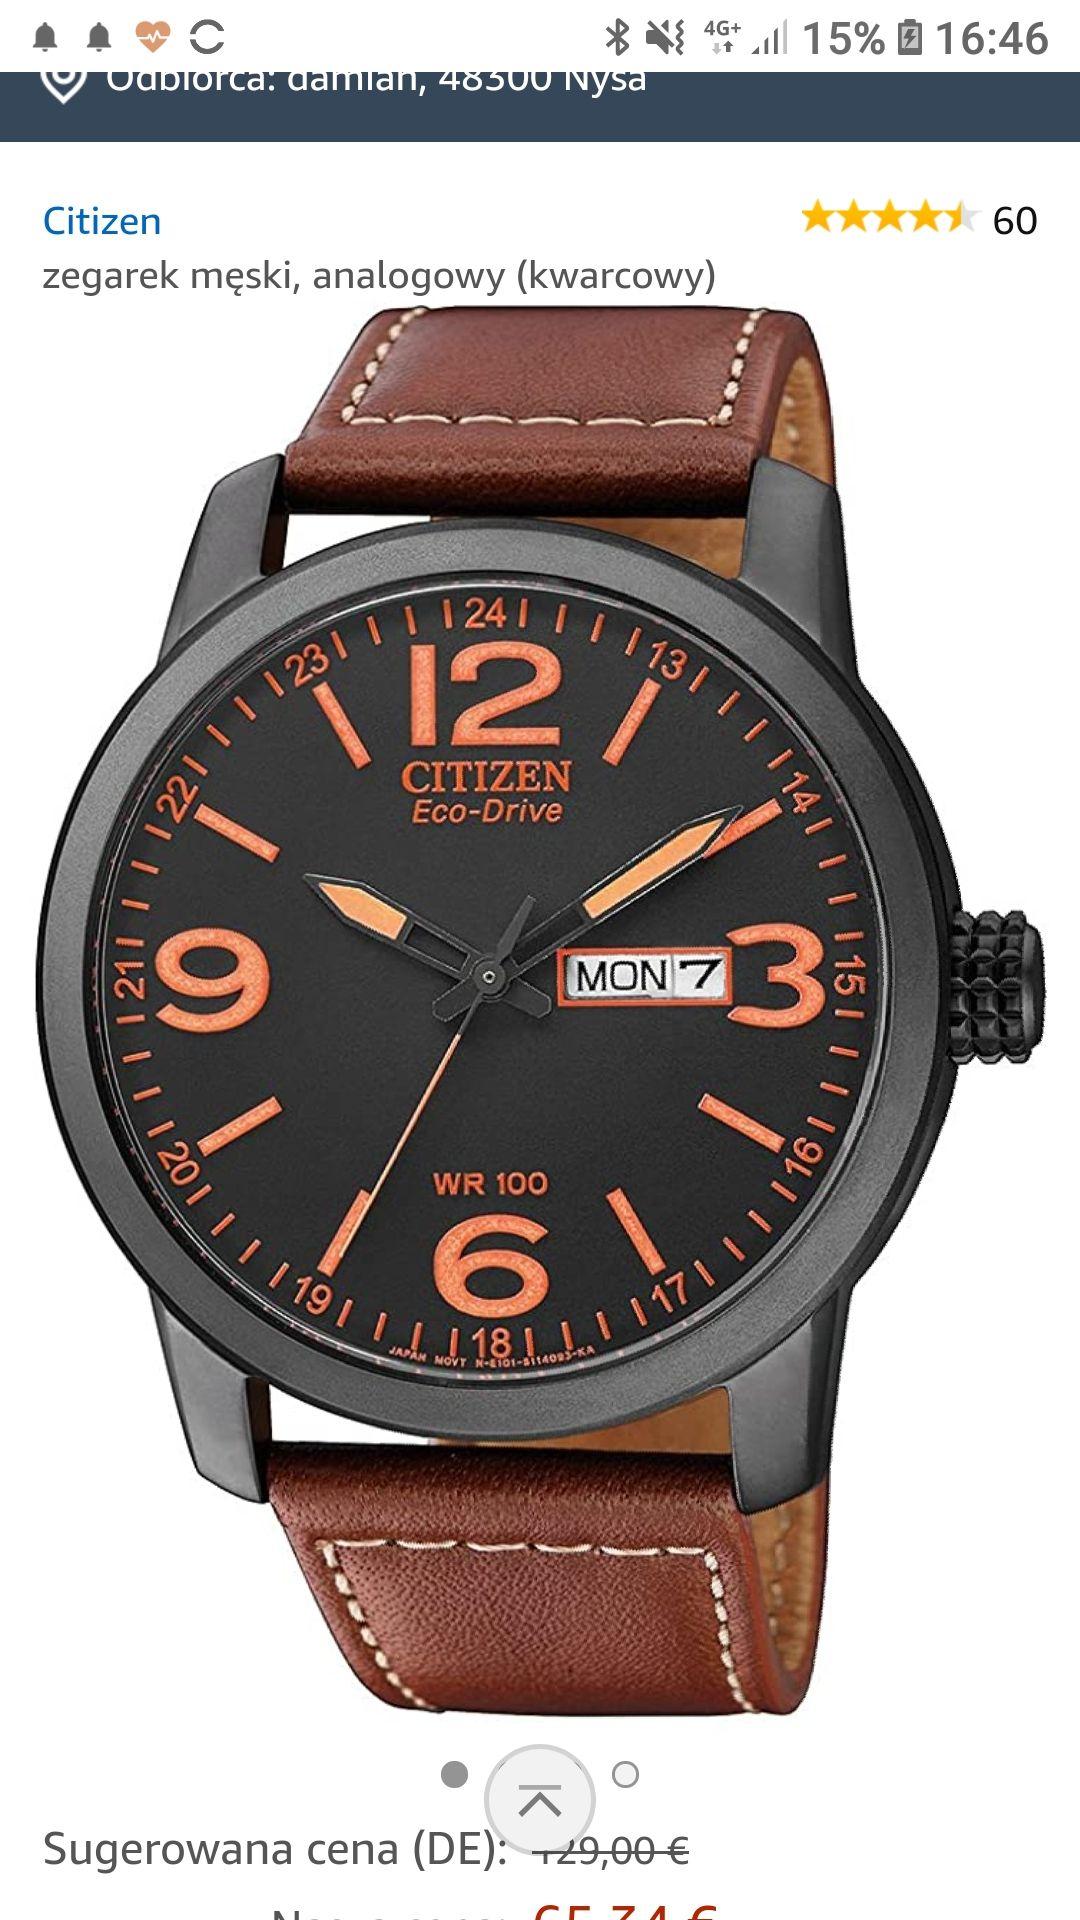 Citizen Eco-drive zegarek €69,29